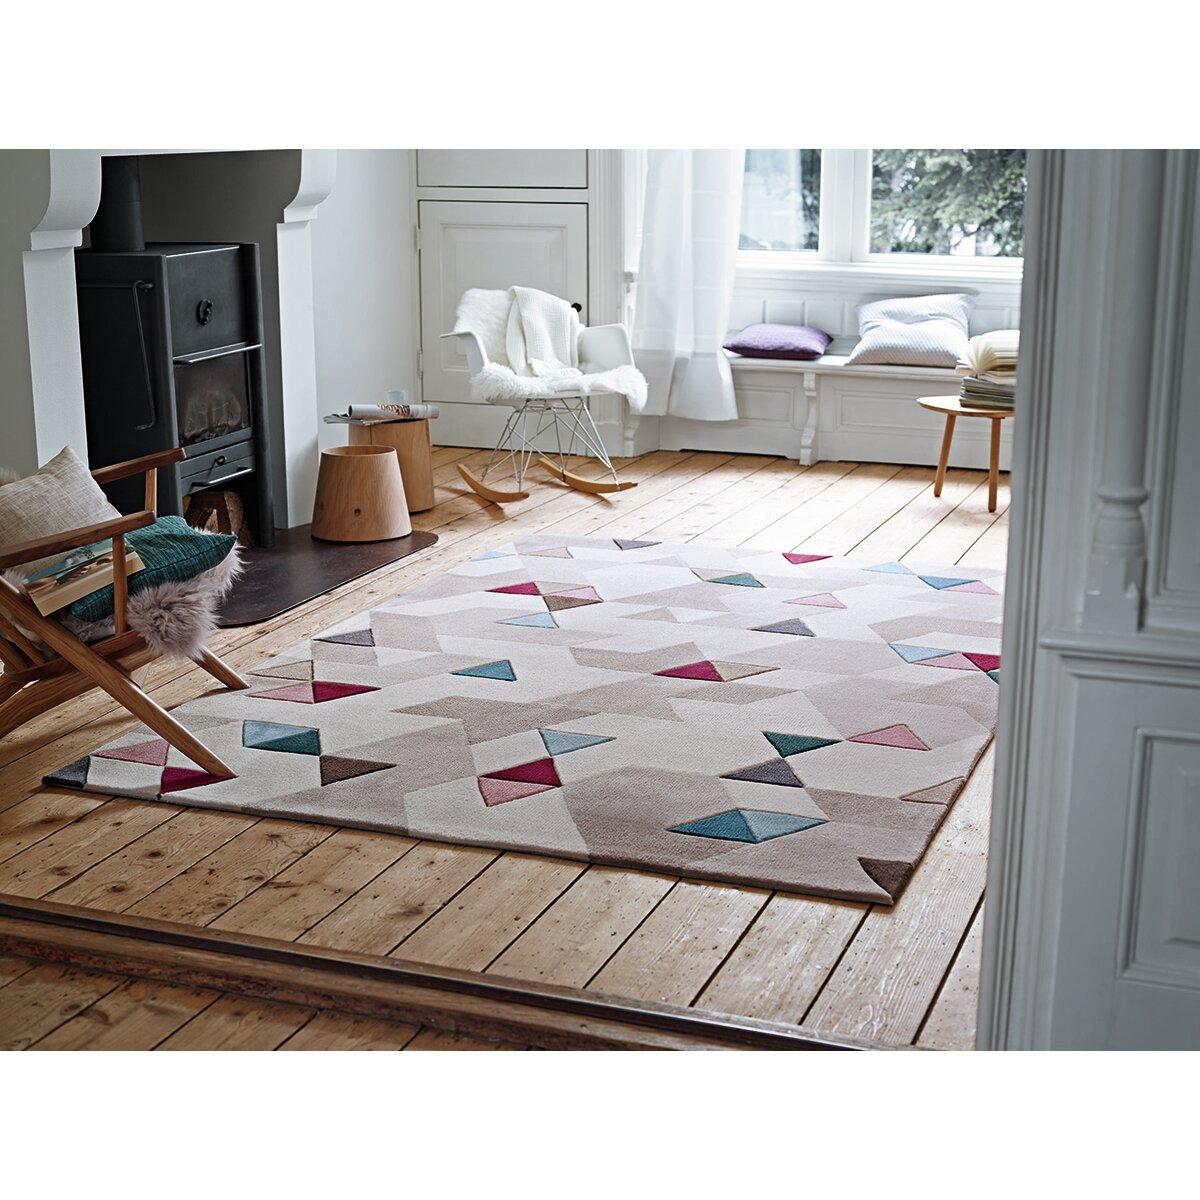 esprit hand tufted ivory area rug reviews wayfair uk. Black Bedroom Furniture Sets. Home Design Ideas